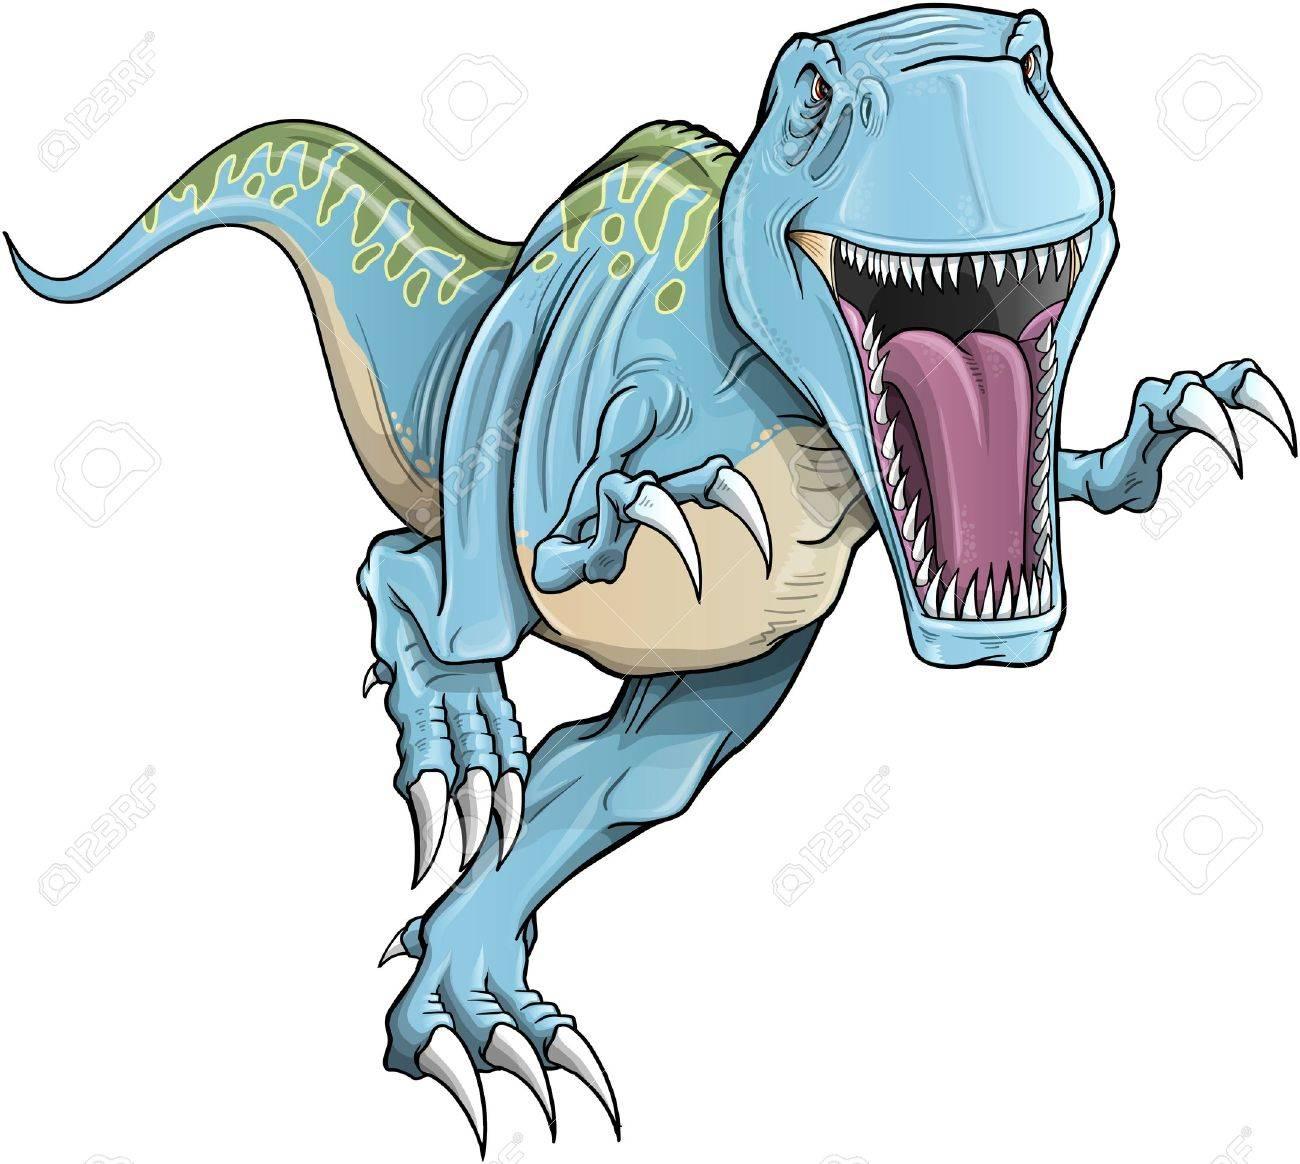 ティラノサウルス レックス恐竜イラストのイラスト素材ベクタ Image